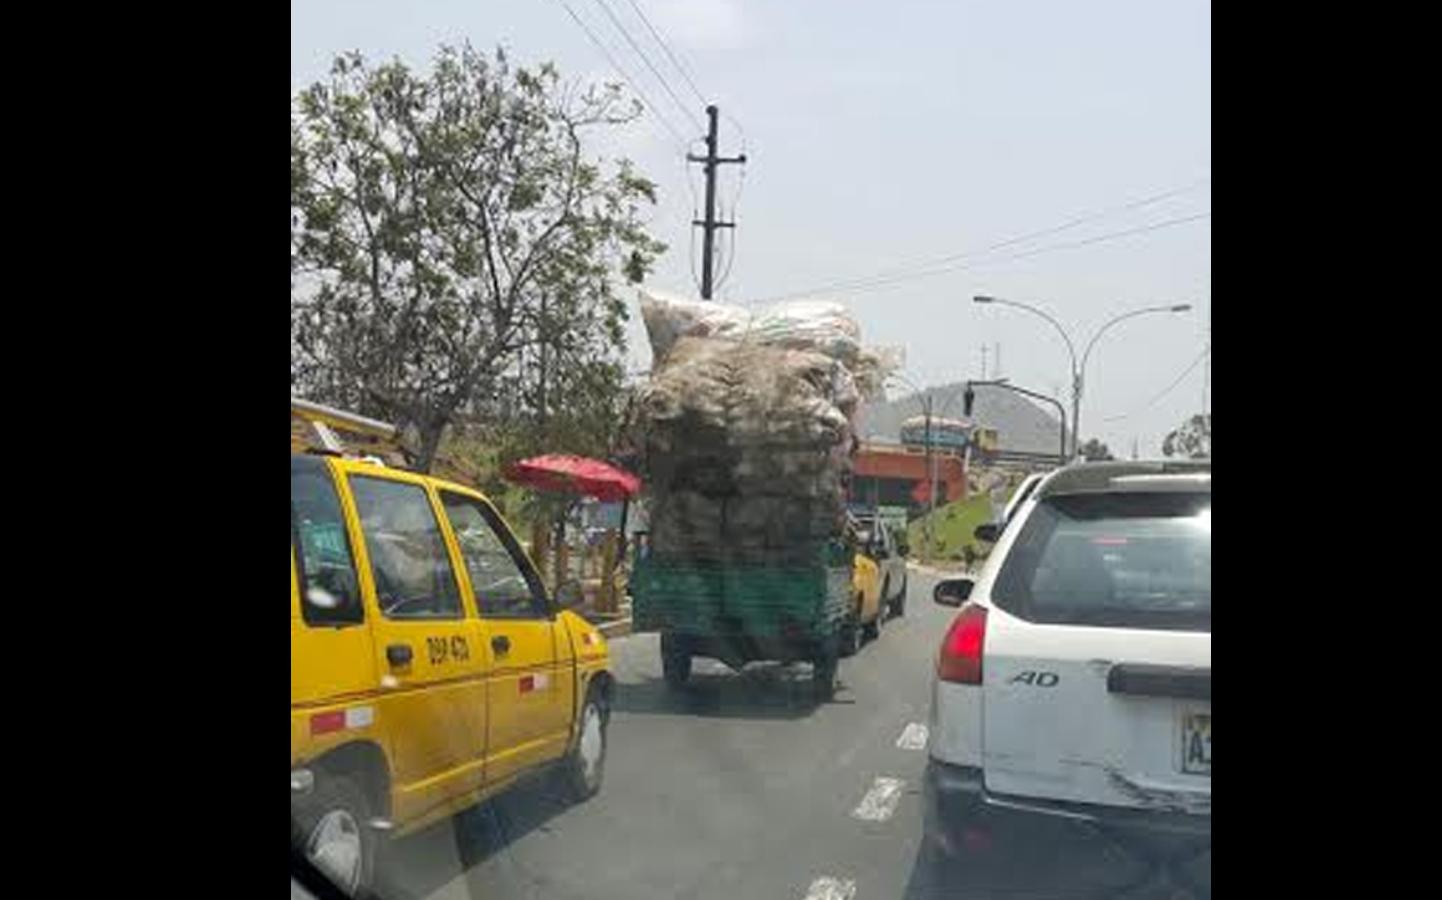 Aquí se puede ver a otro auto llevando pesados sacos y poniendo en peligro a los demás conductores (FOTO:WhatsApp/El Comercio)